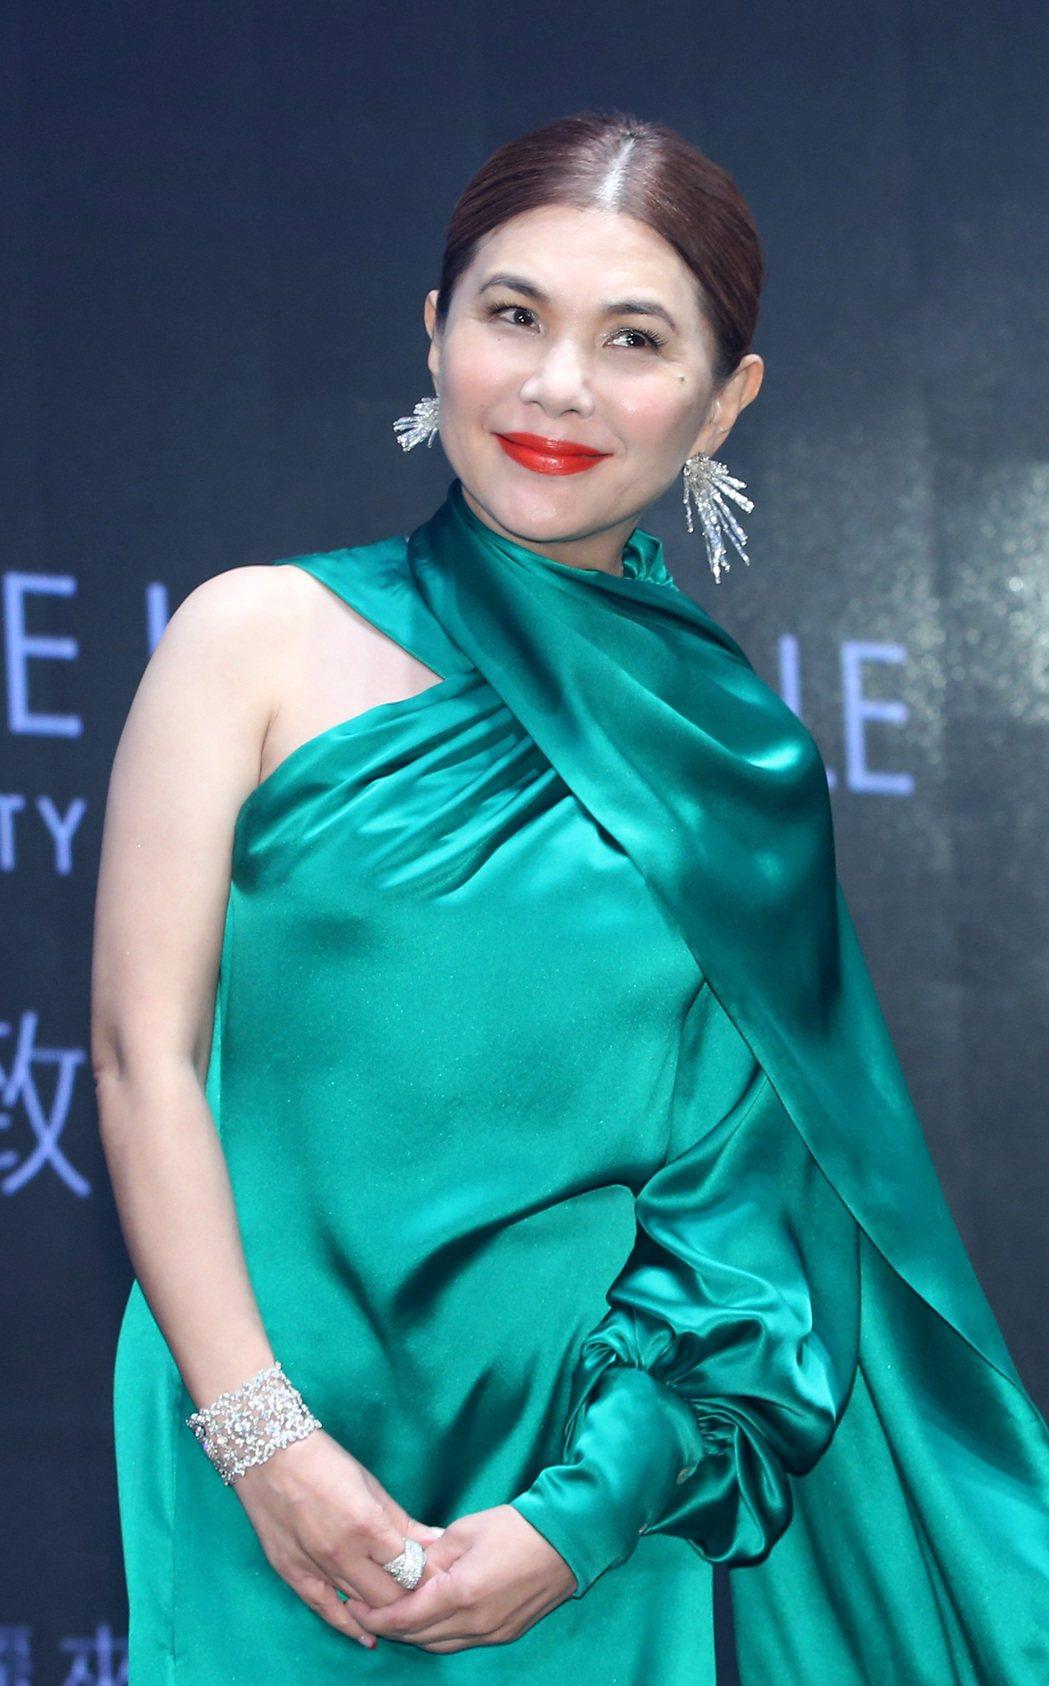 張清芳過去曾是「歌壇東方不敗」。圖/本報資料照片